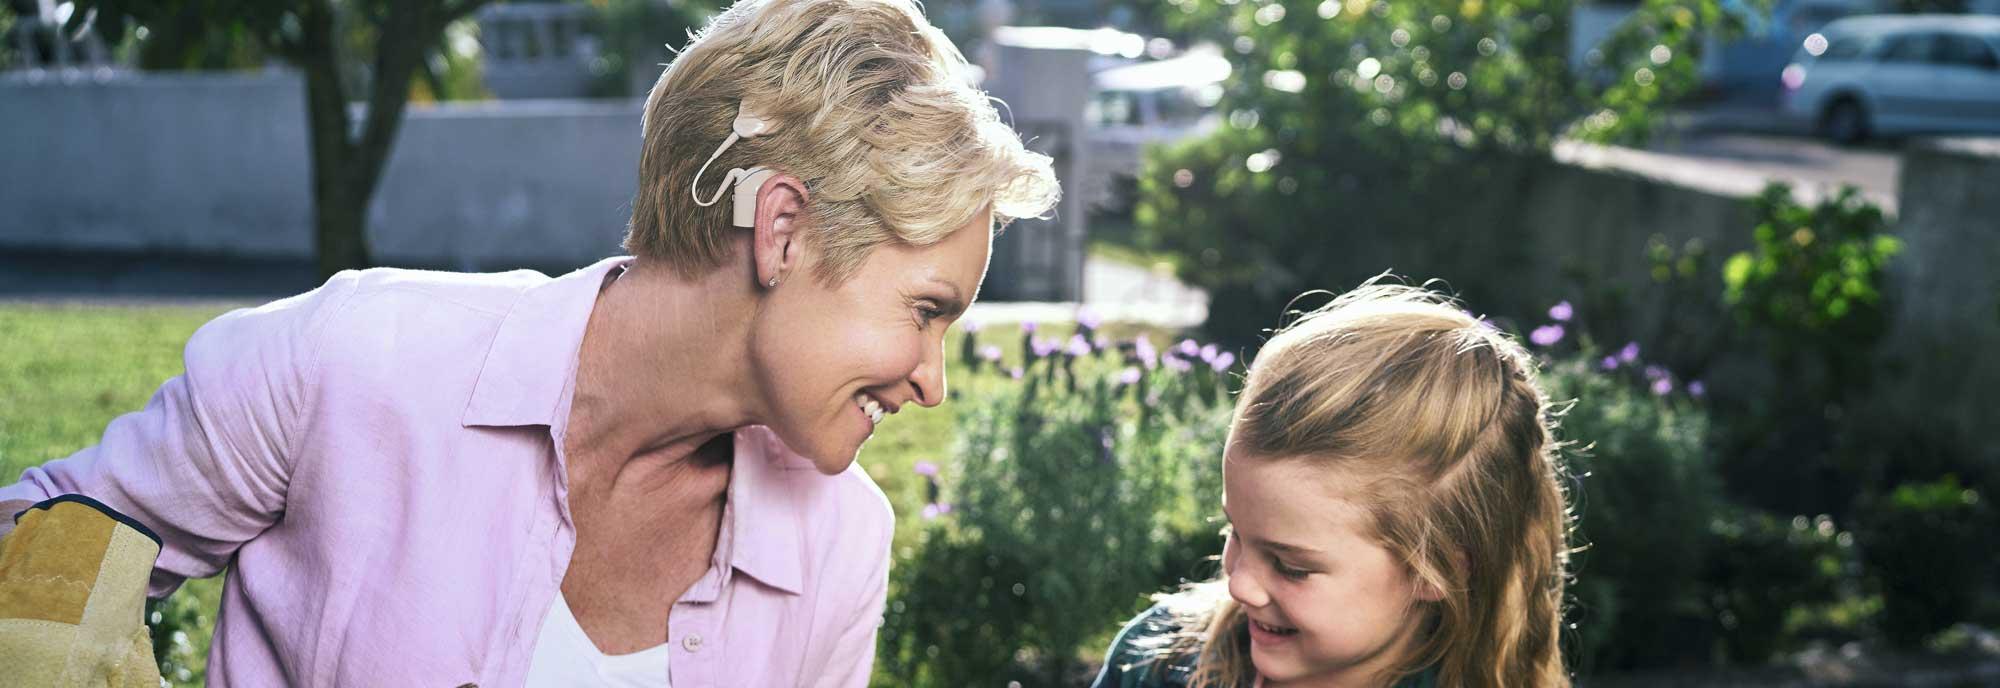 Mujer con audífono GAES hace jardinería con su hija